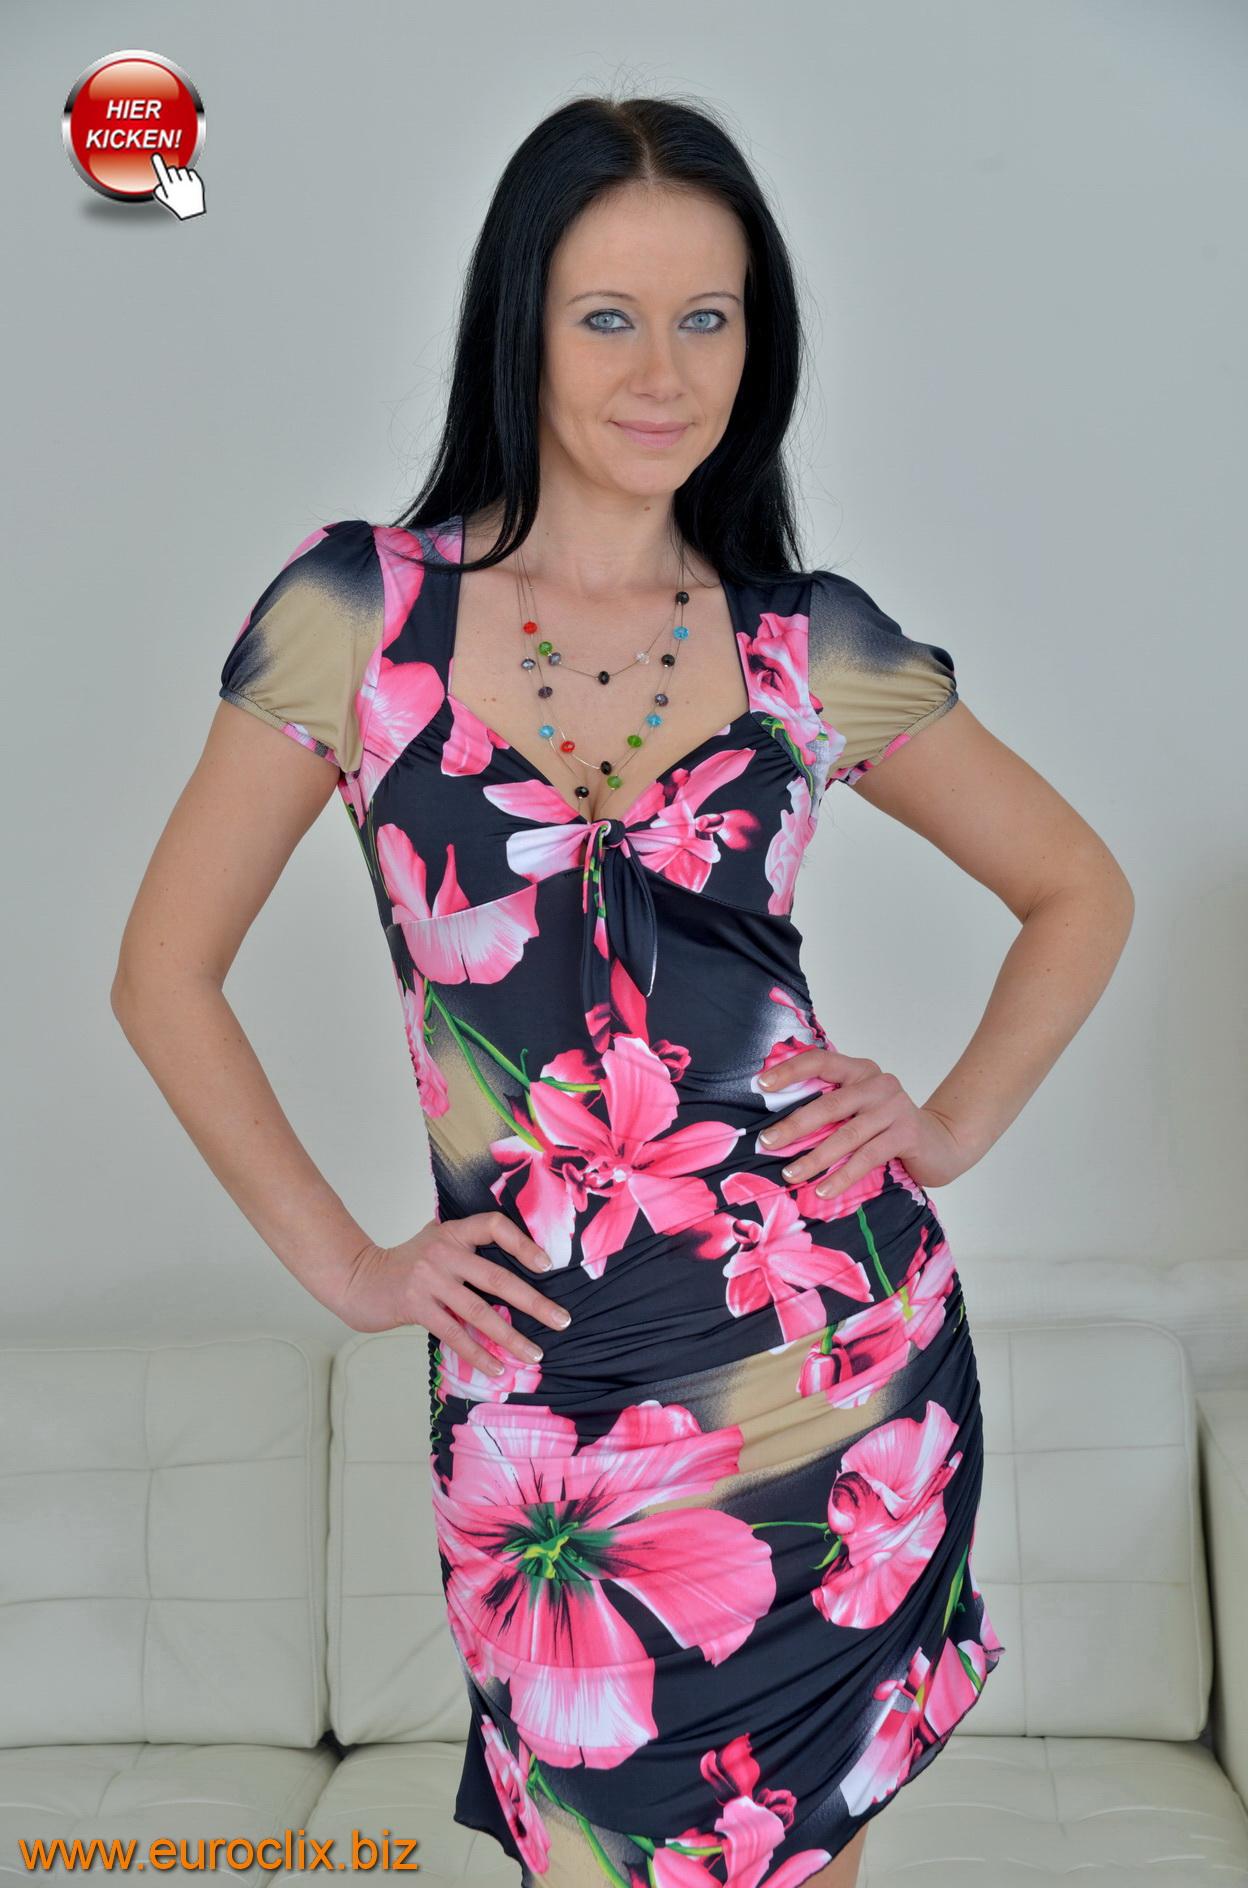 Die rassige, schwarzhaarige Anna (43) aus Hannover